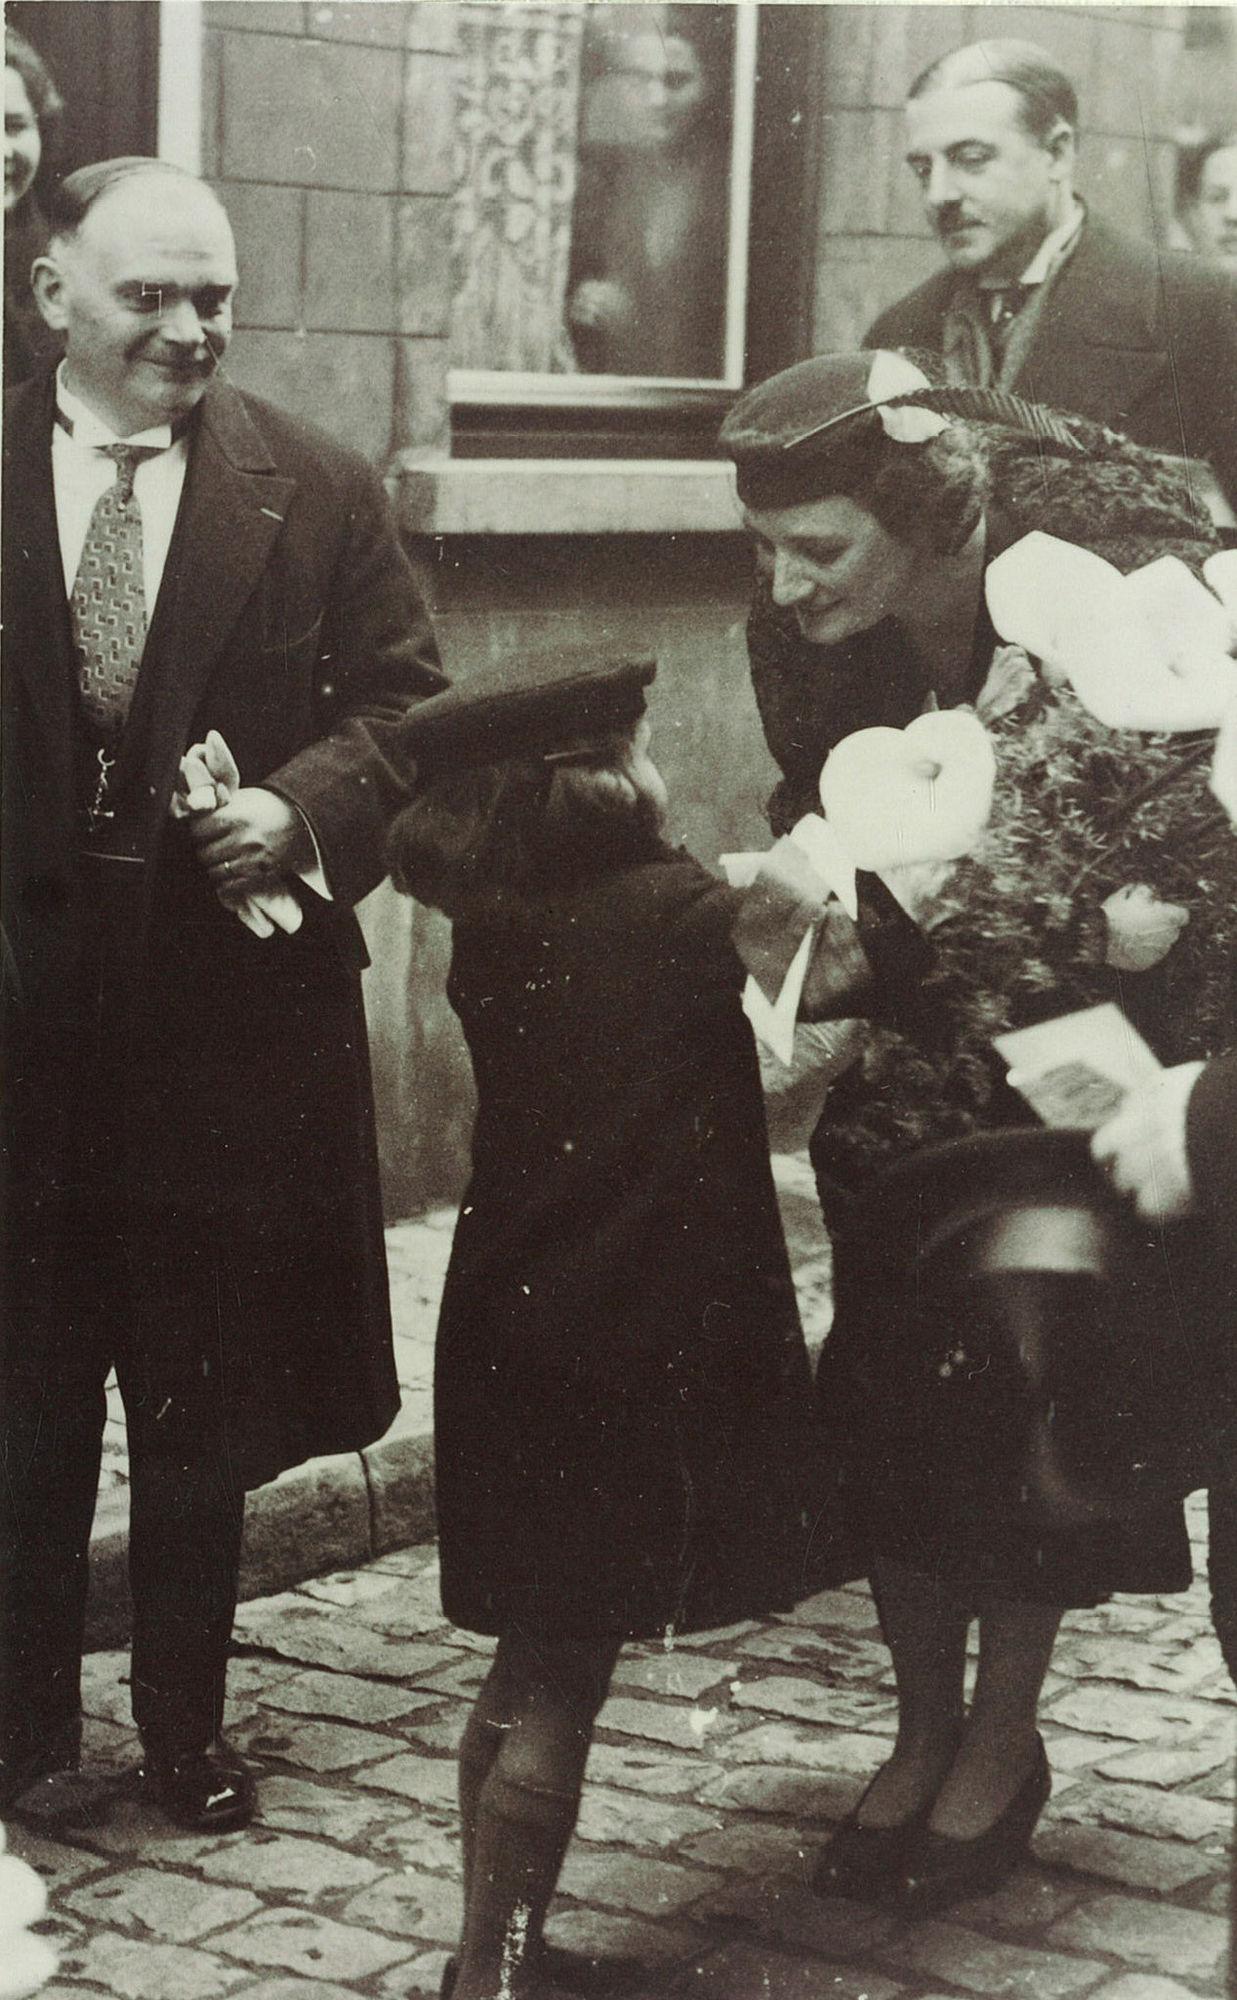 Koning Leopold III met Burgemeester Arthur Mayeur te Kortijk op 18 mei 1938